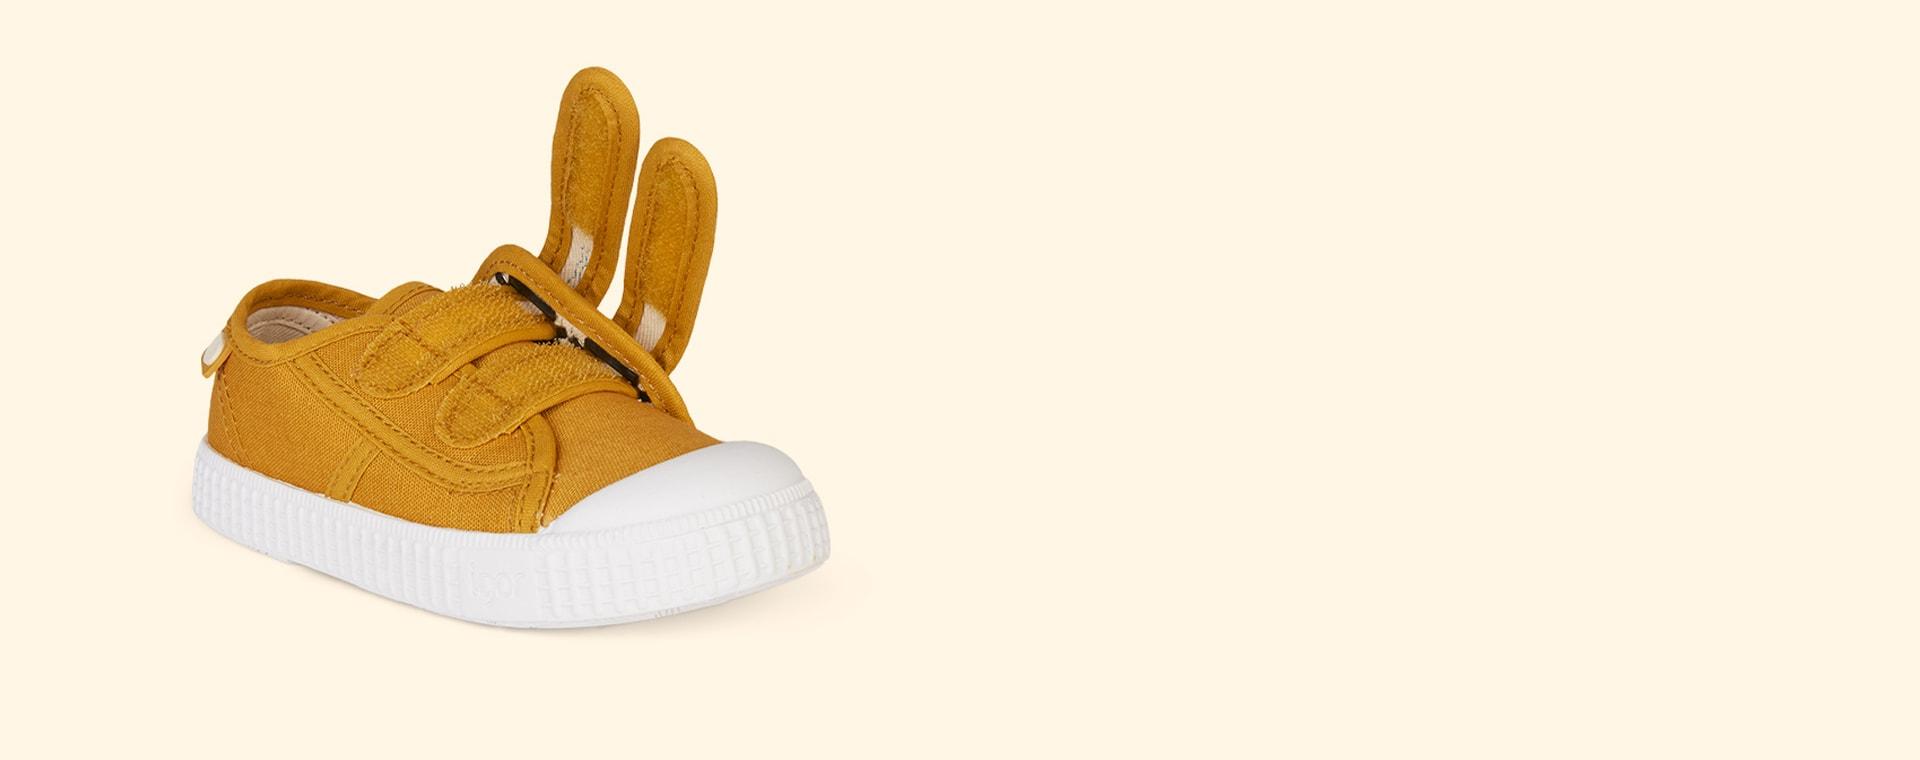 Mostaza igor Berri Velcro Tennis Shoe